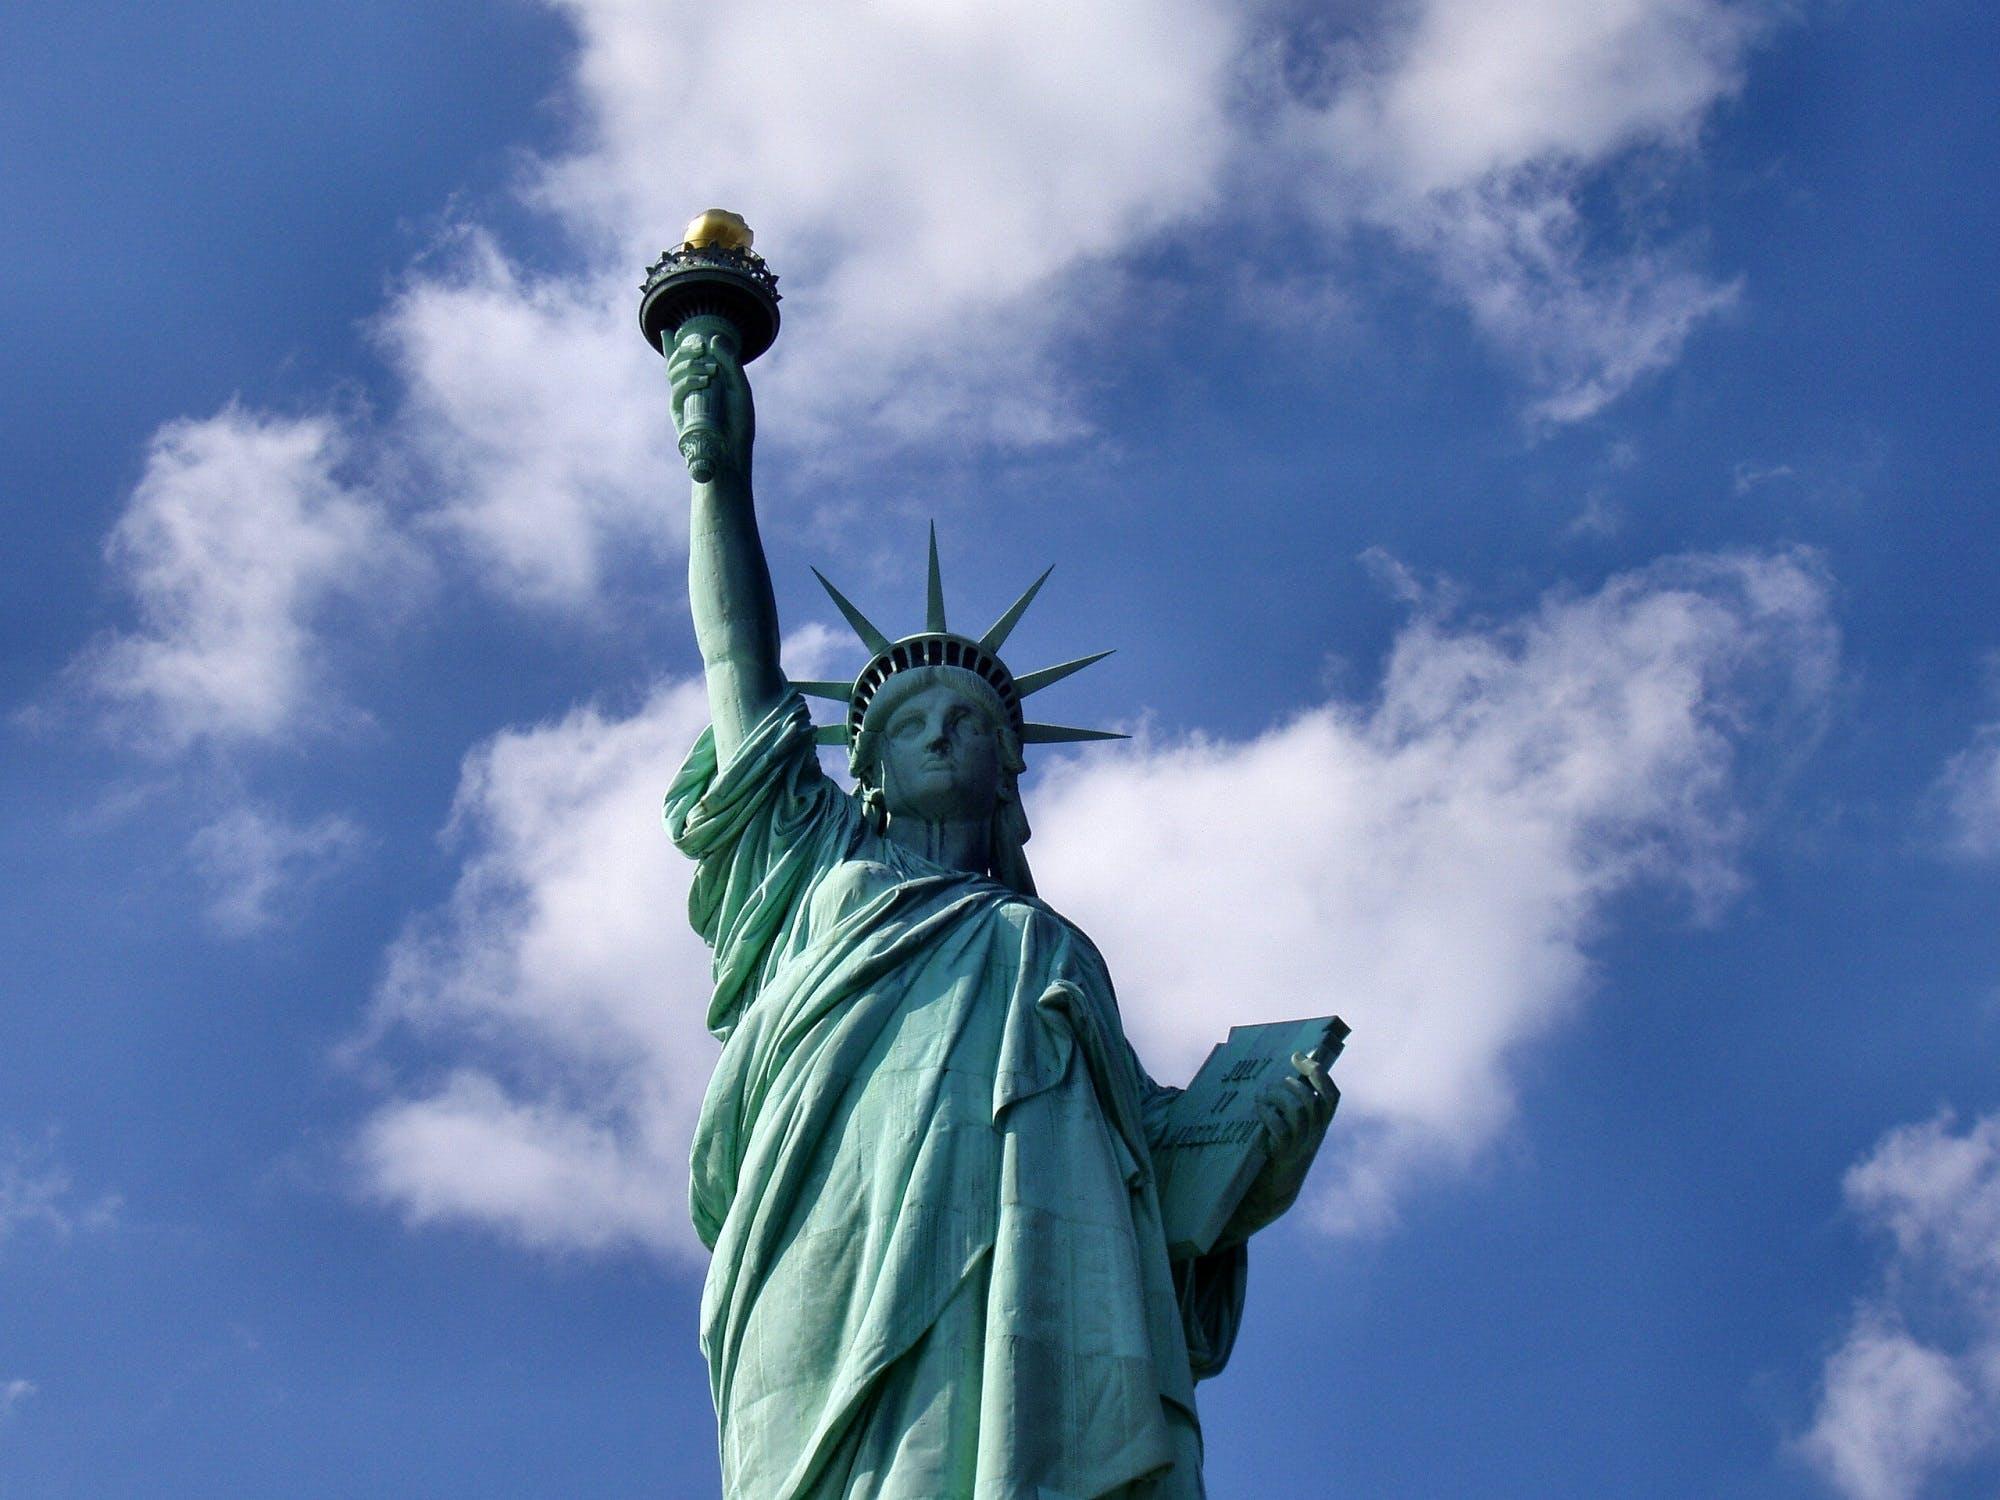 Δωρεάν στοκ φωτογραφιών με nyc, άγαλμα της ελευθερίας, αξιοθέατο, Ηνωμένες πολιτείες Αμερικής